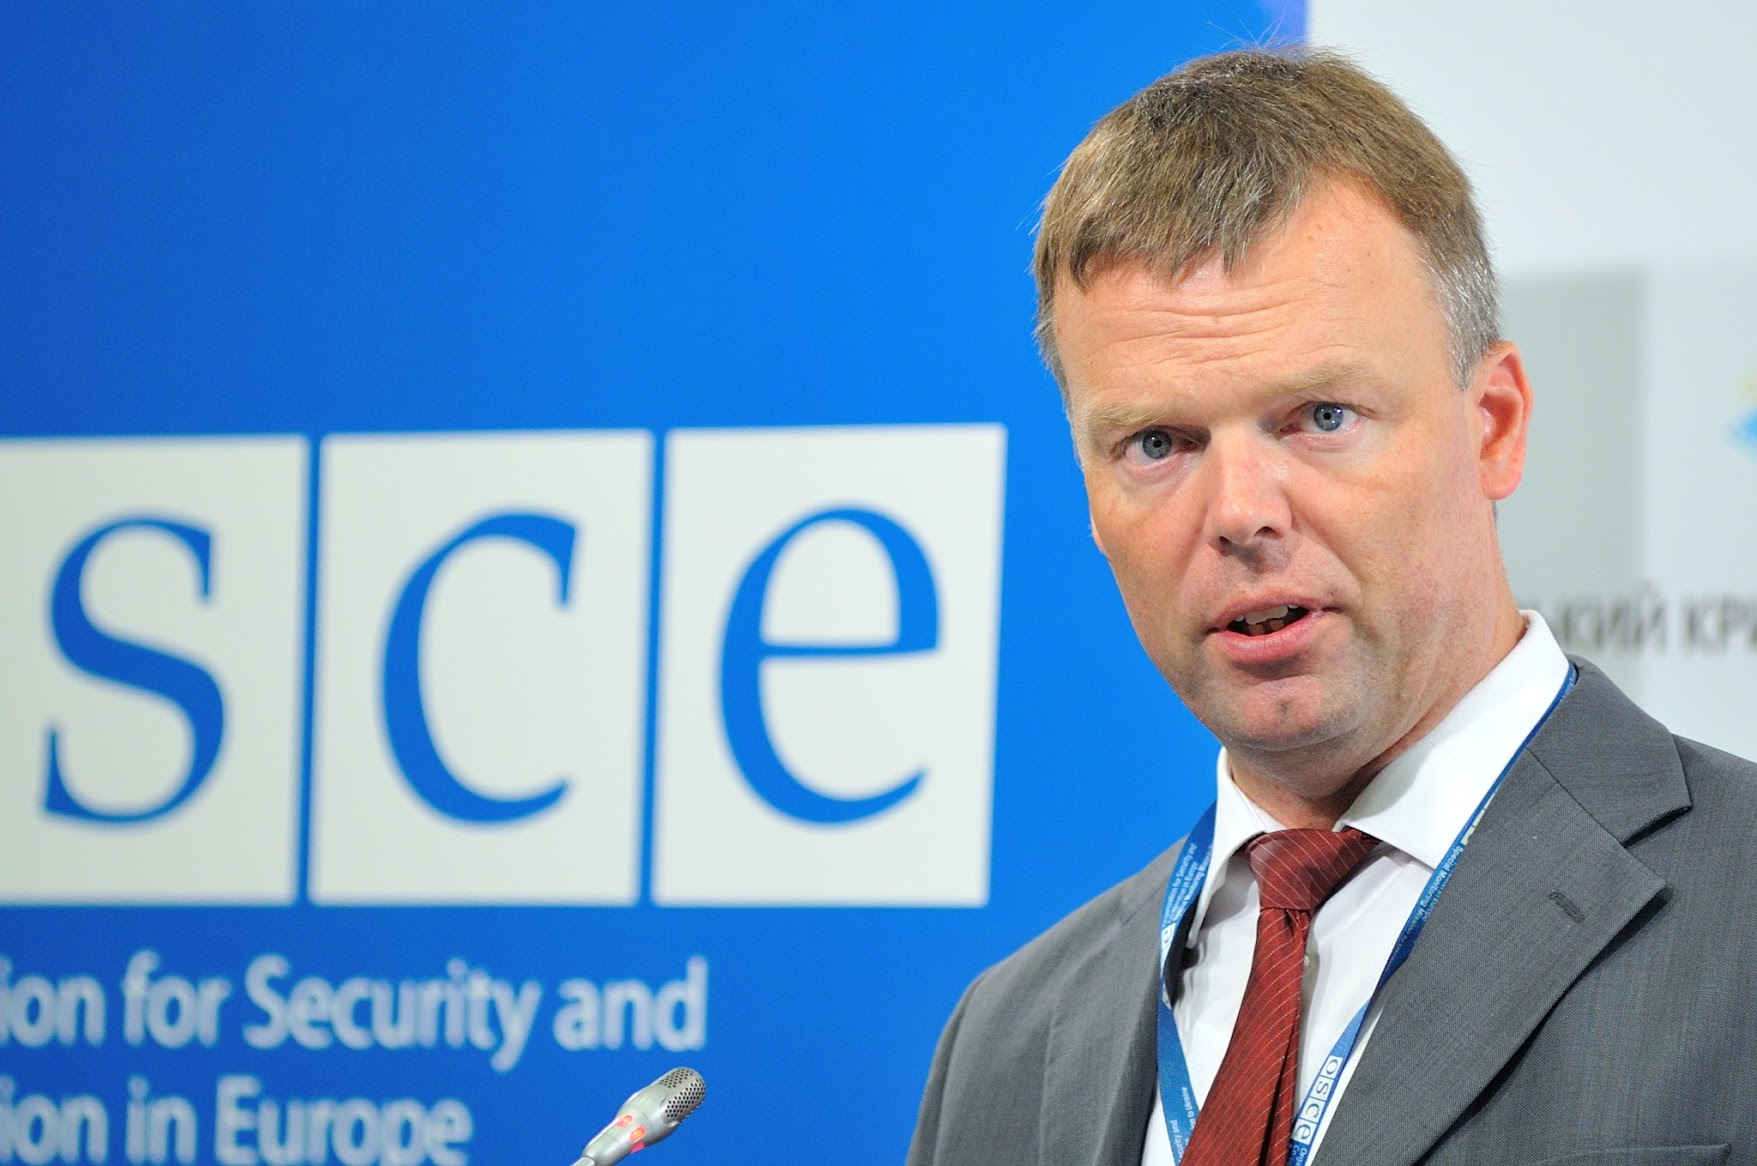 Місія ОБСЄ фіксує серйозне погіршення безпекової ситуації наДонбасі